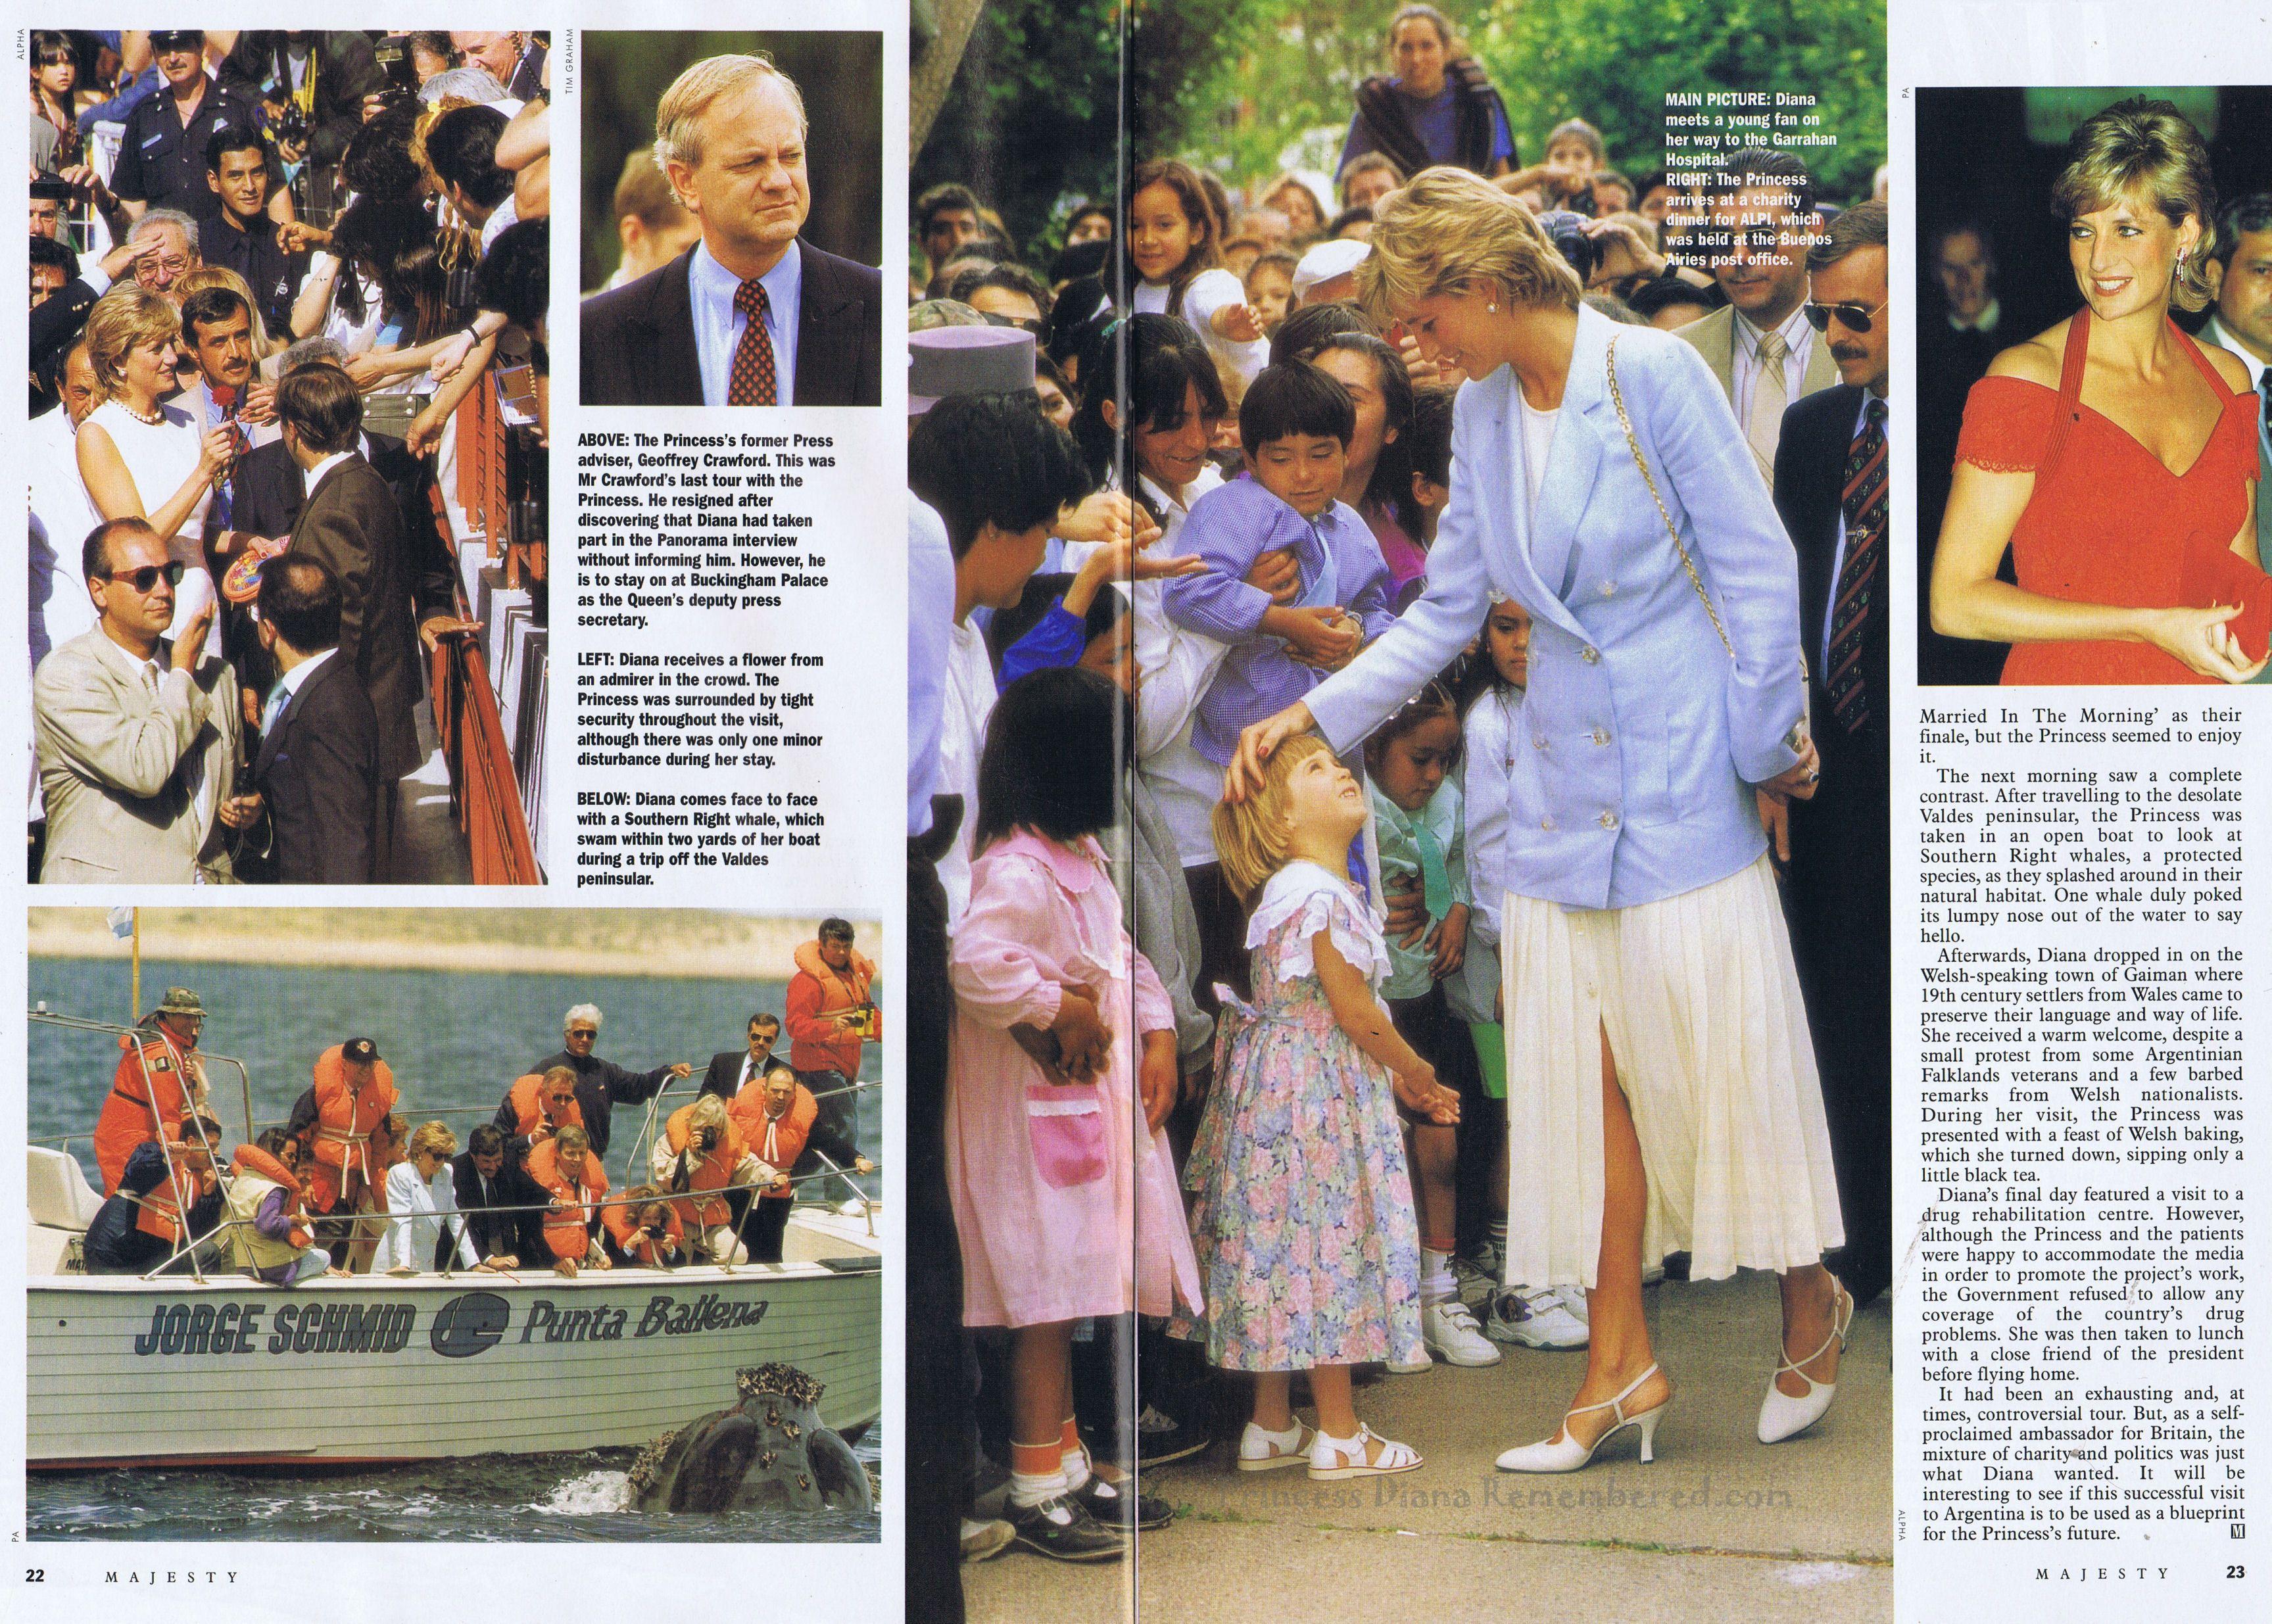 Majesty Magazine August 1996 Princess Diana